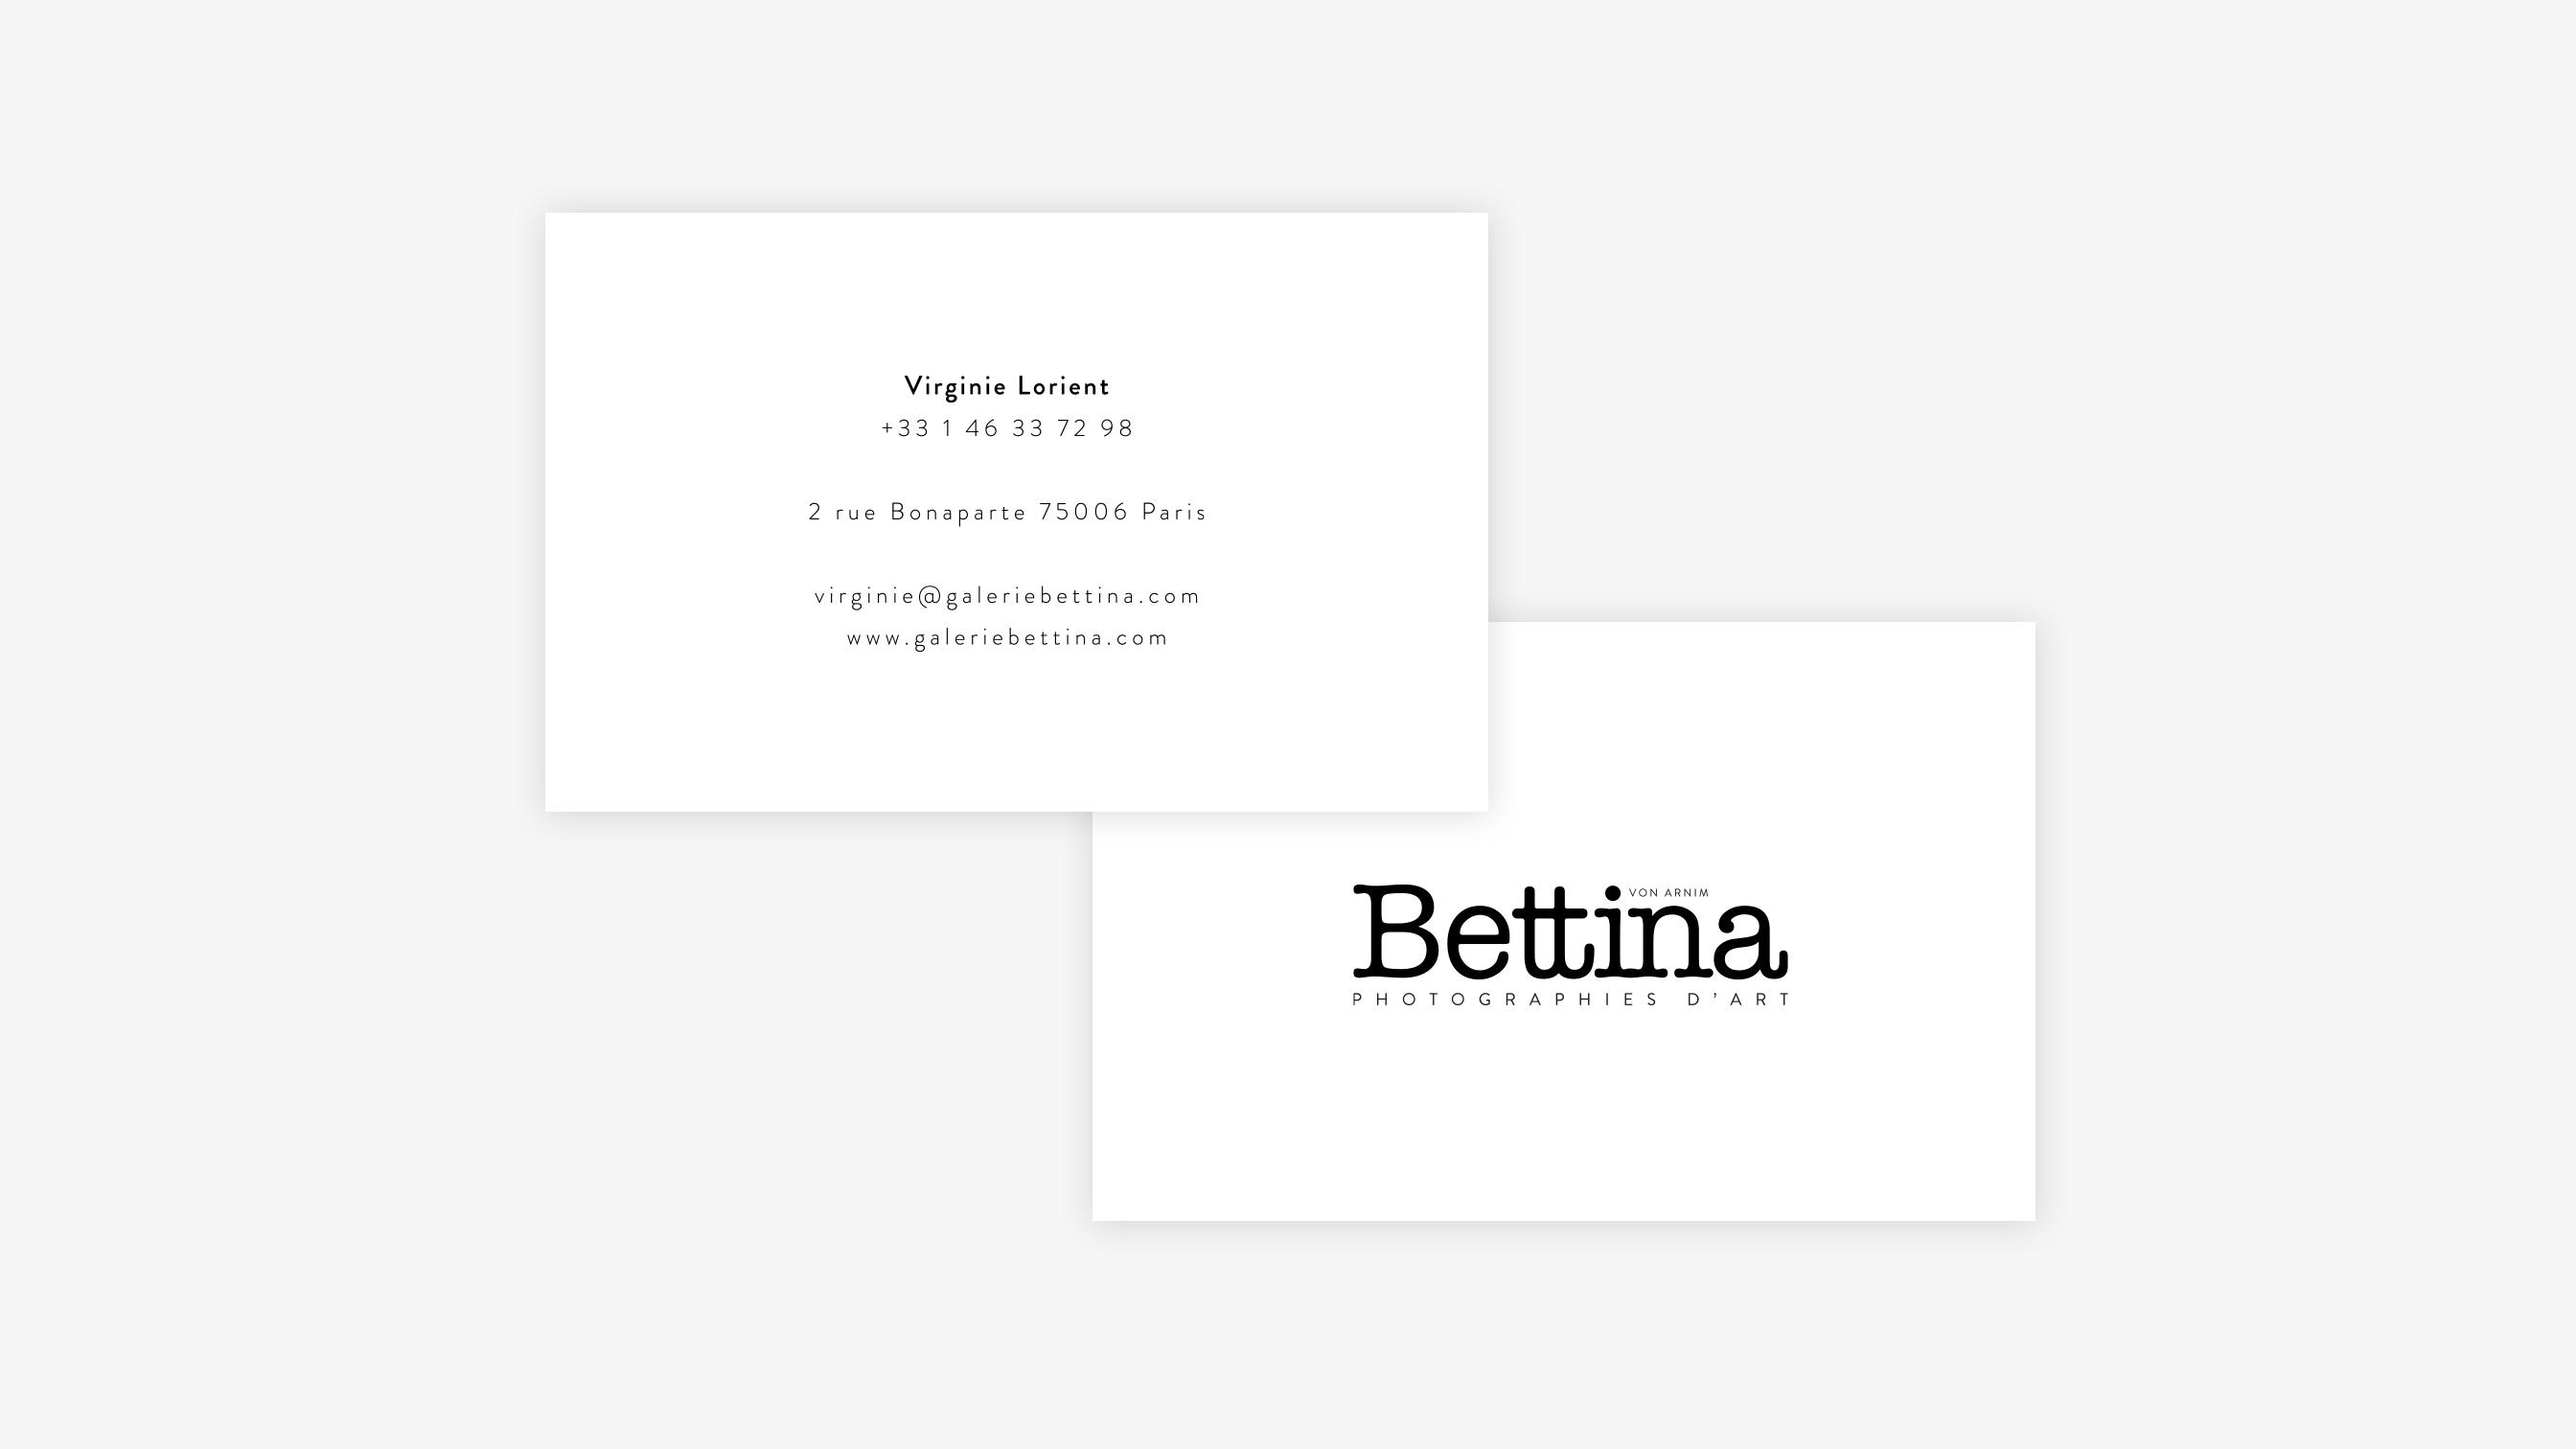 galeriebettina-cartes-pikteo